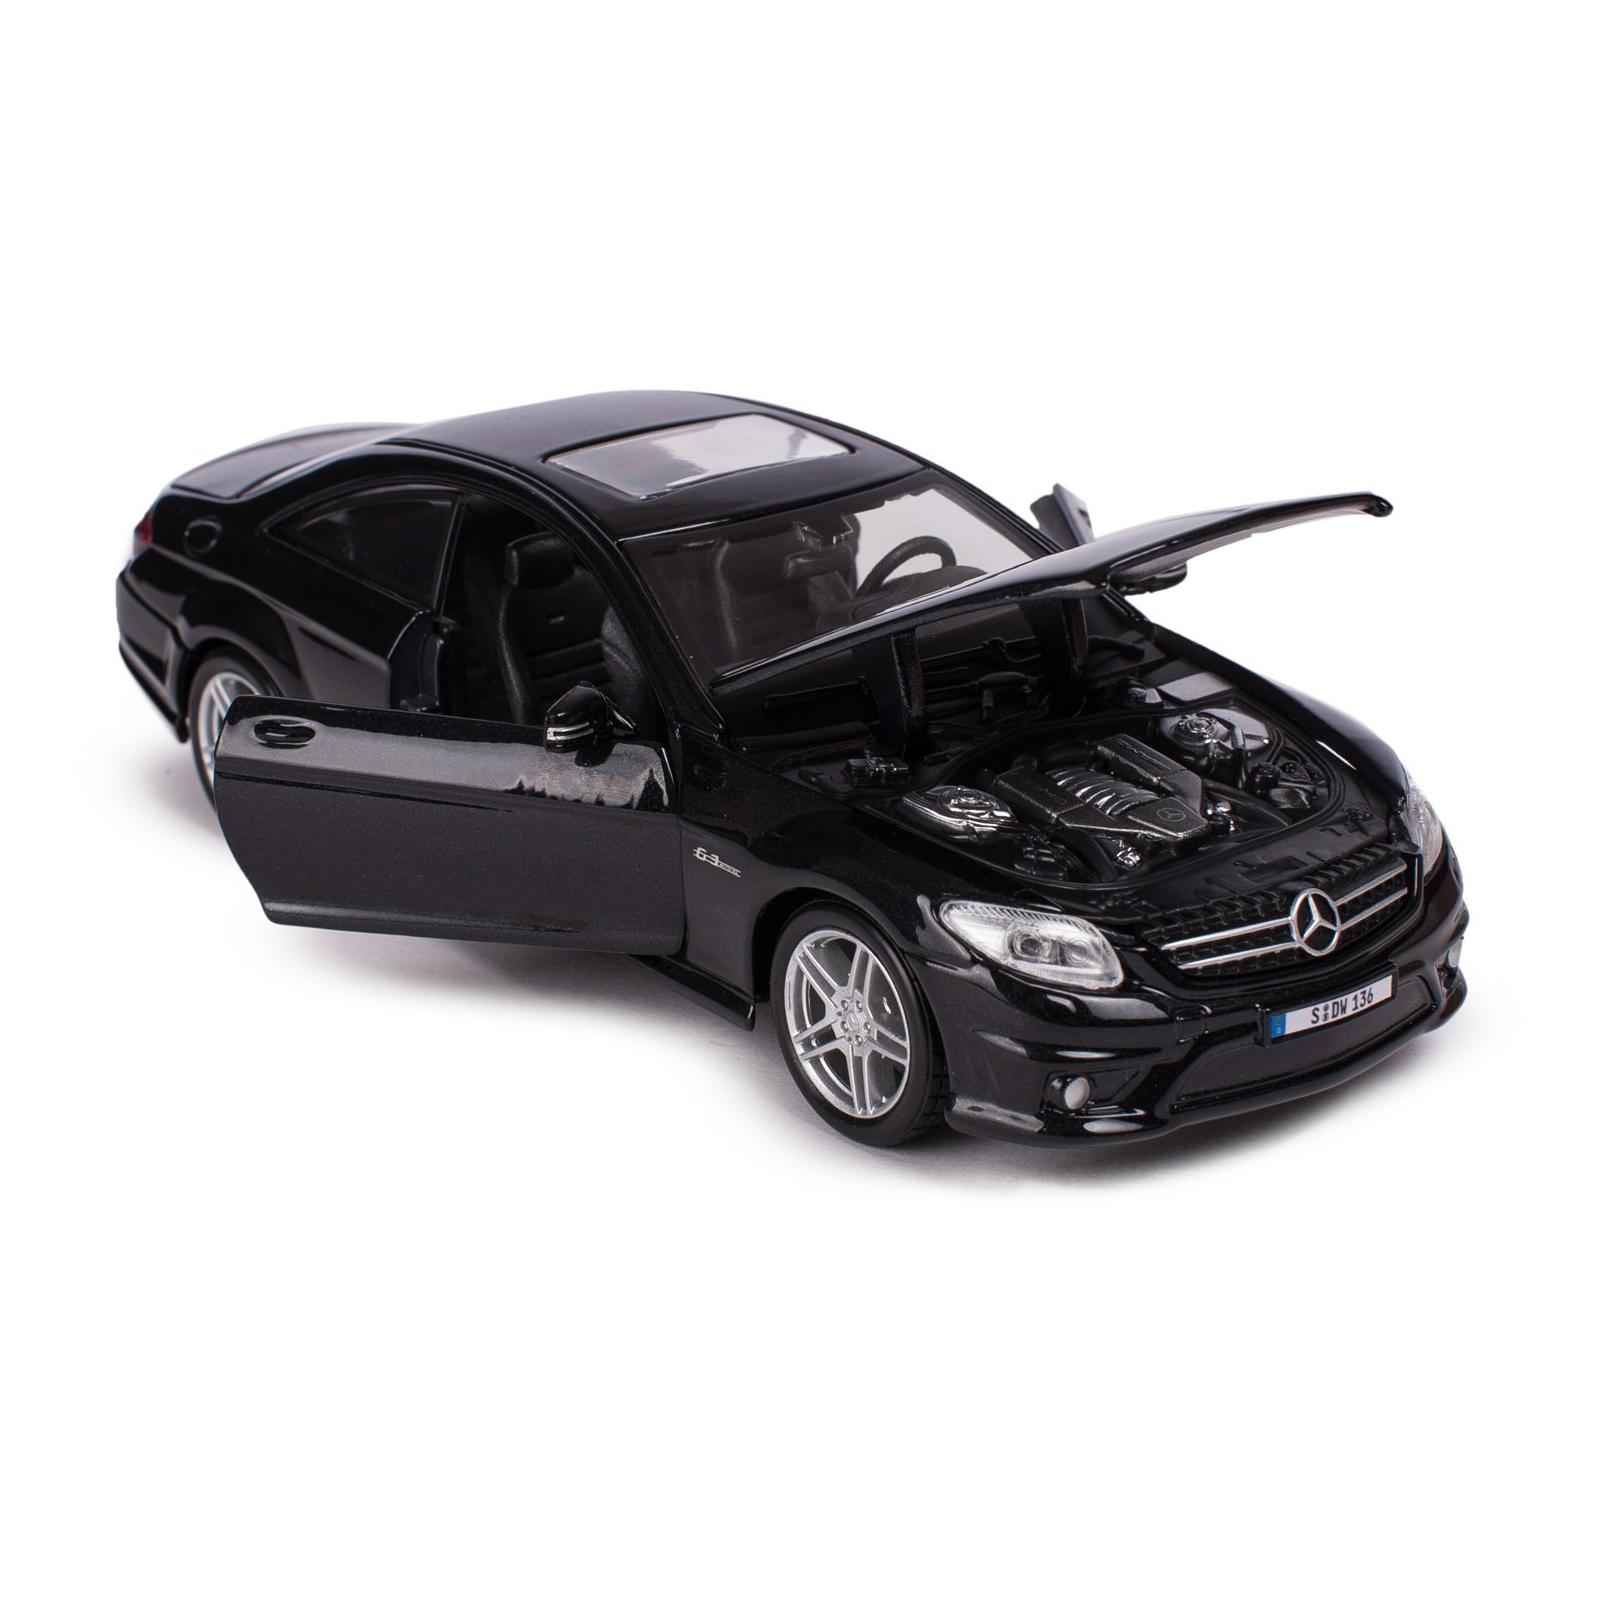 Машина Maisto Mercedes-Benz CL63 AMG (1:24) черный металлик (31297 met. black) изображение 3